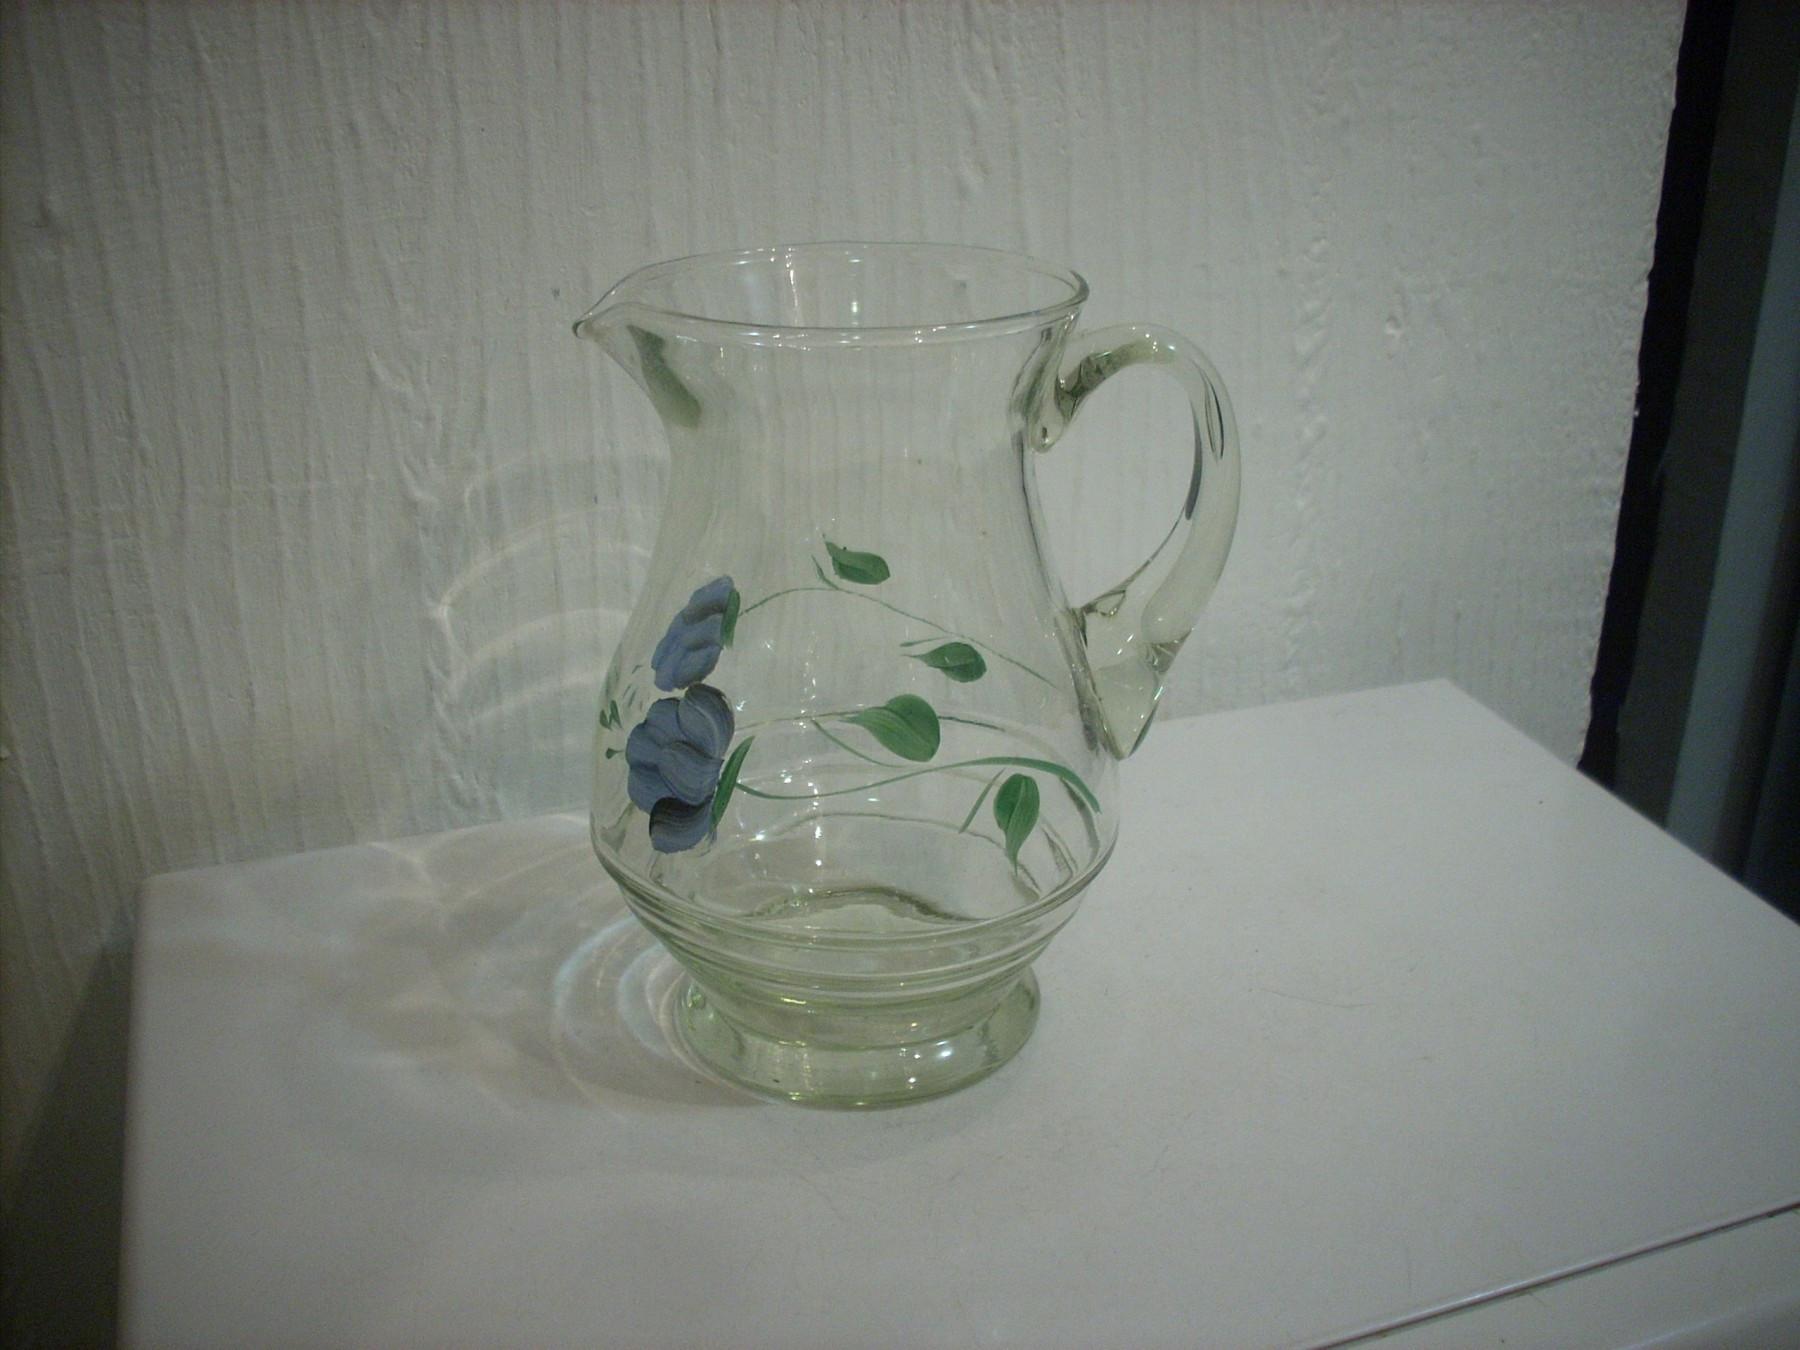 vintage green glass vase of bokal od stakla 12 l vintage 63987845 limundo com intended for bokal od stakla 12 l vintage